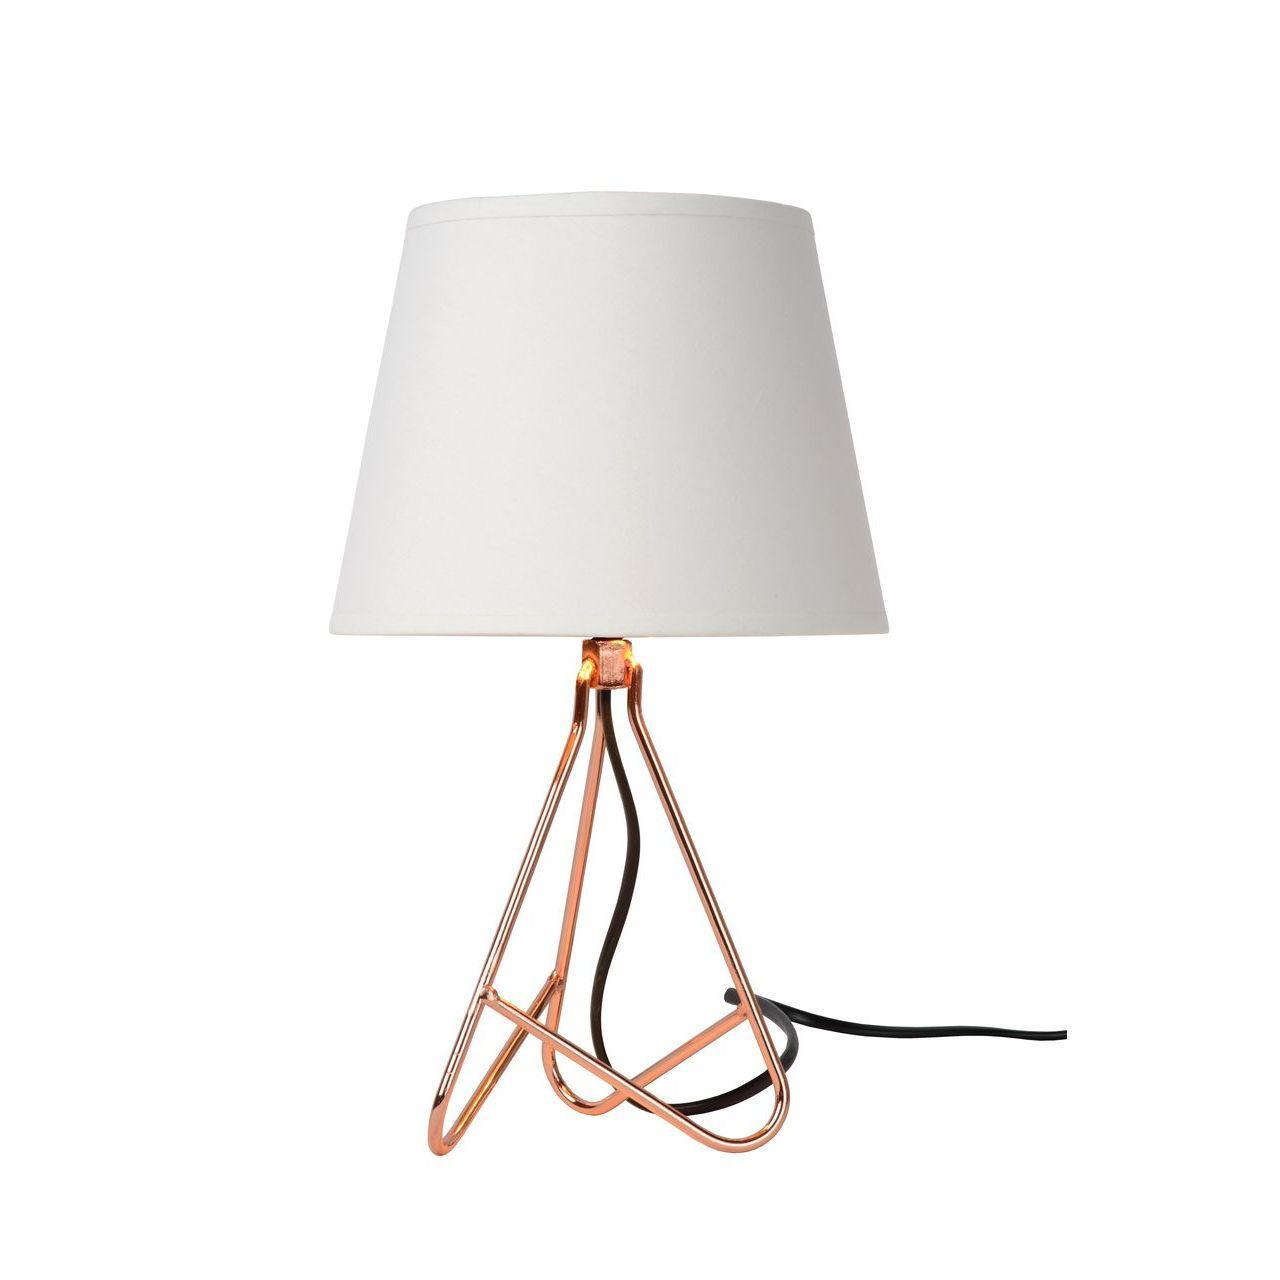 Настольная лампа Lucide Gitta 47500/81/17 настольная лампа lucide yoko 34523 81 99